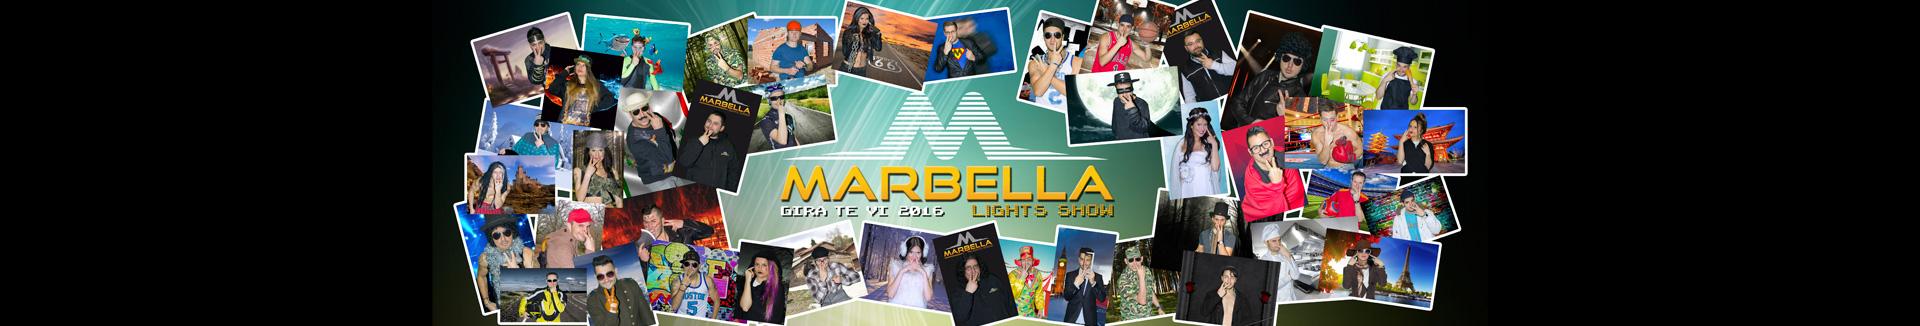 slider-marbella3